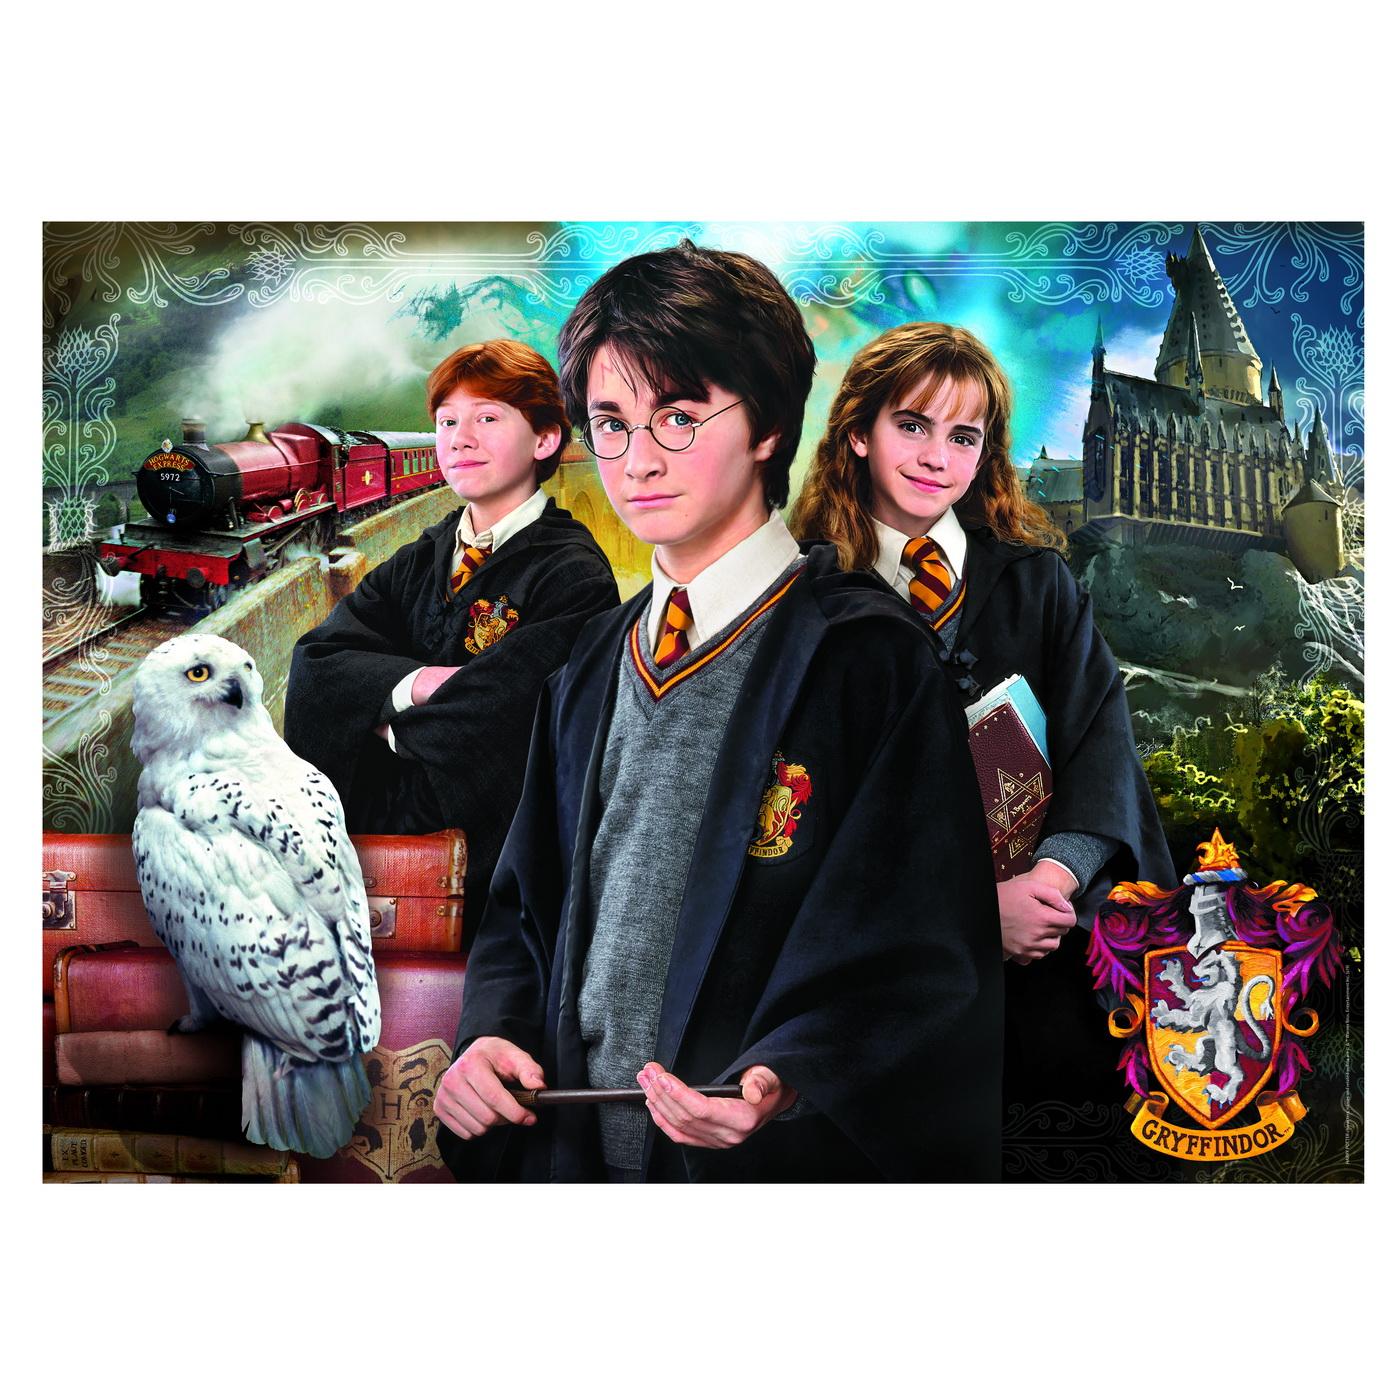 61882_V49404_Harry_Potter_1000_Poster.indd